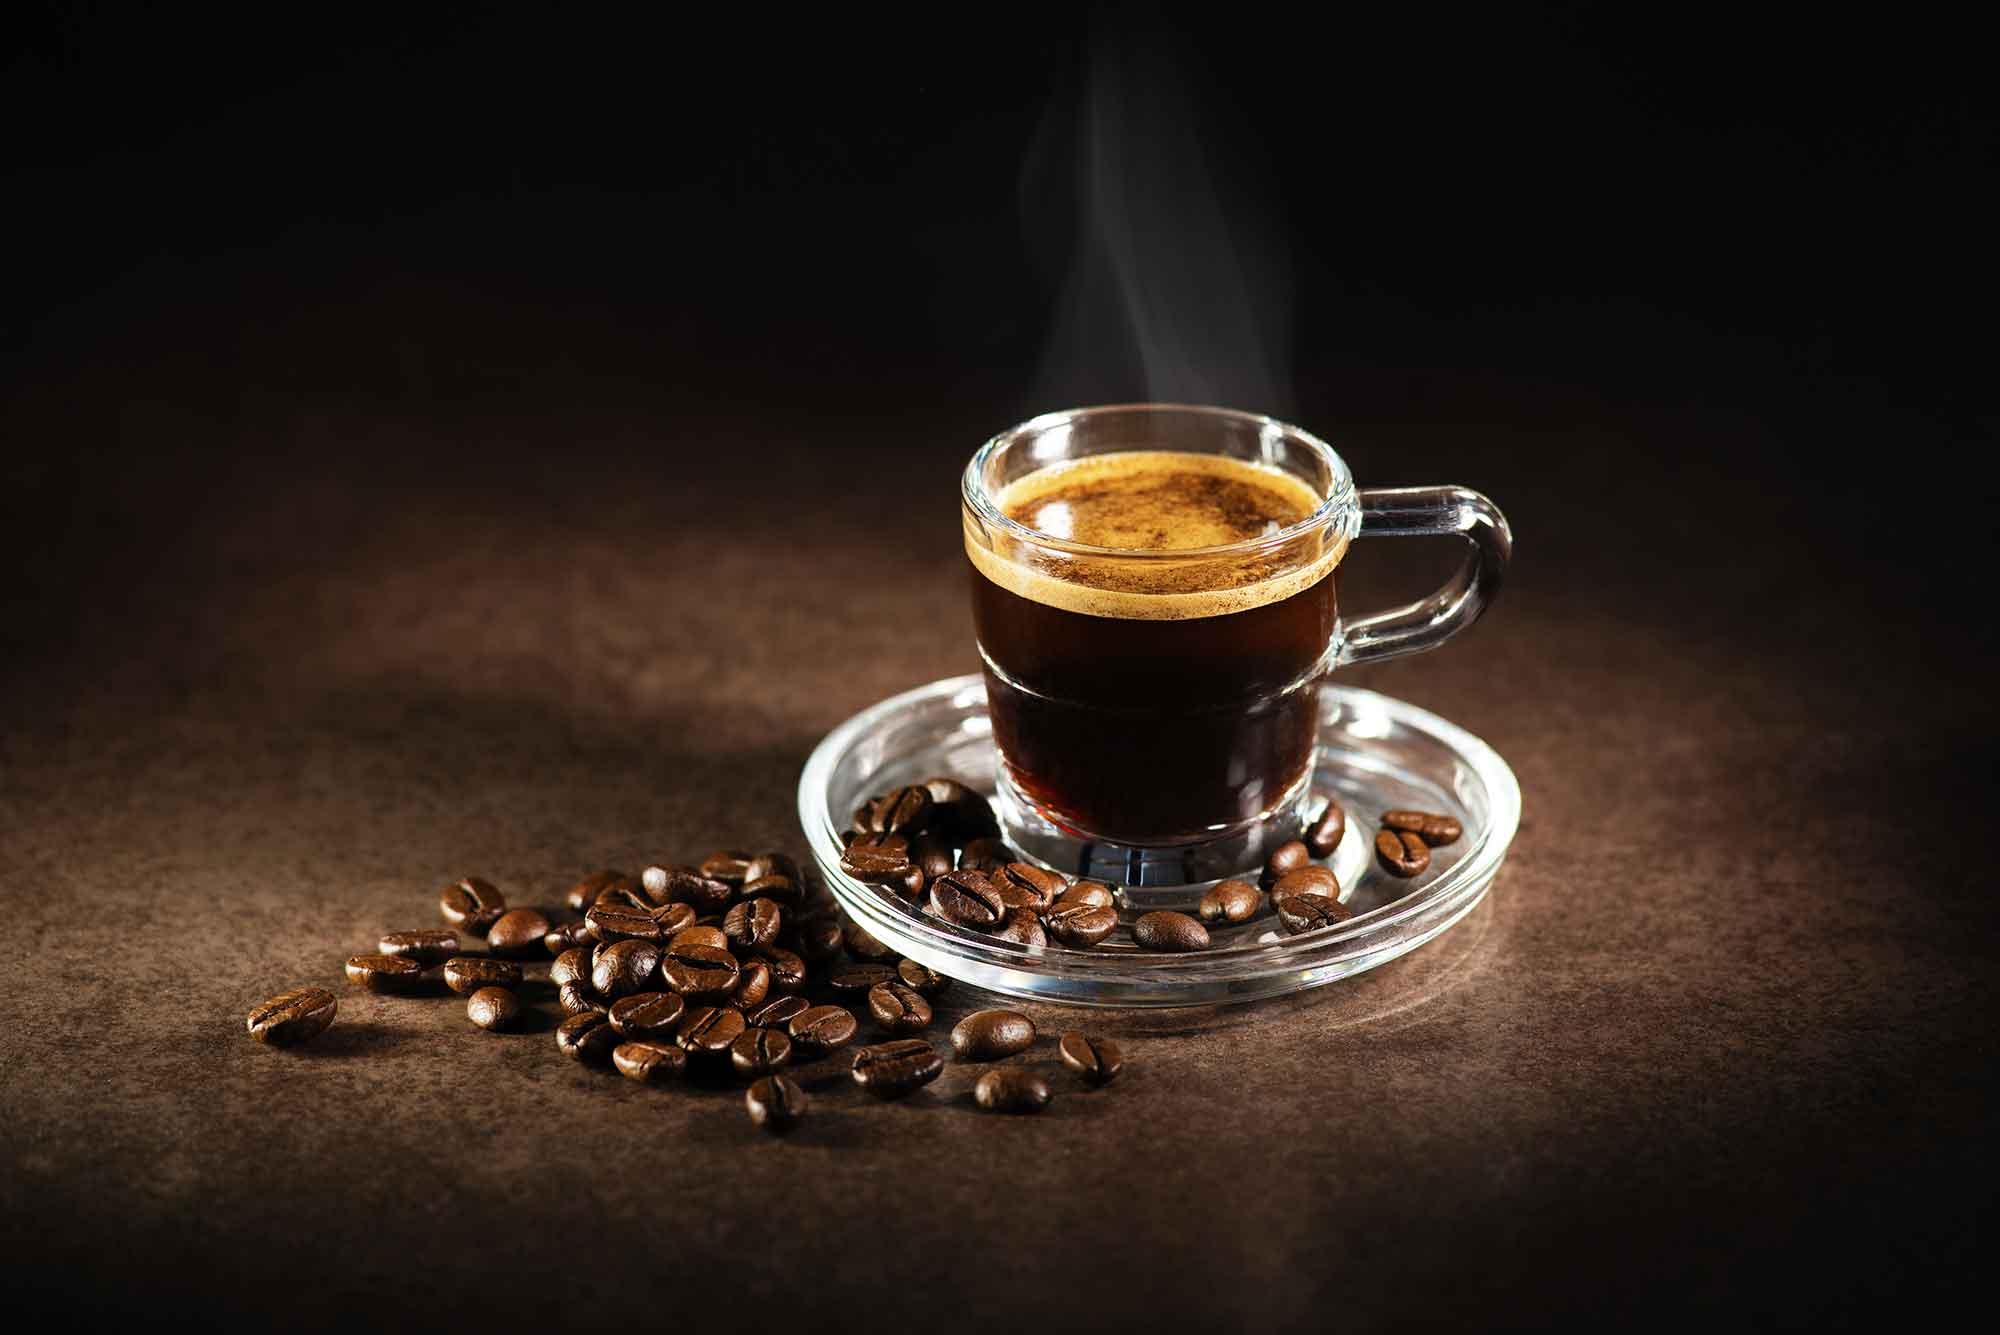 Risultato immagini per tazza di caffè